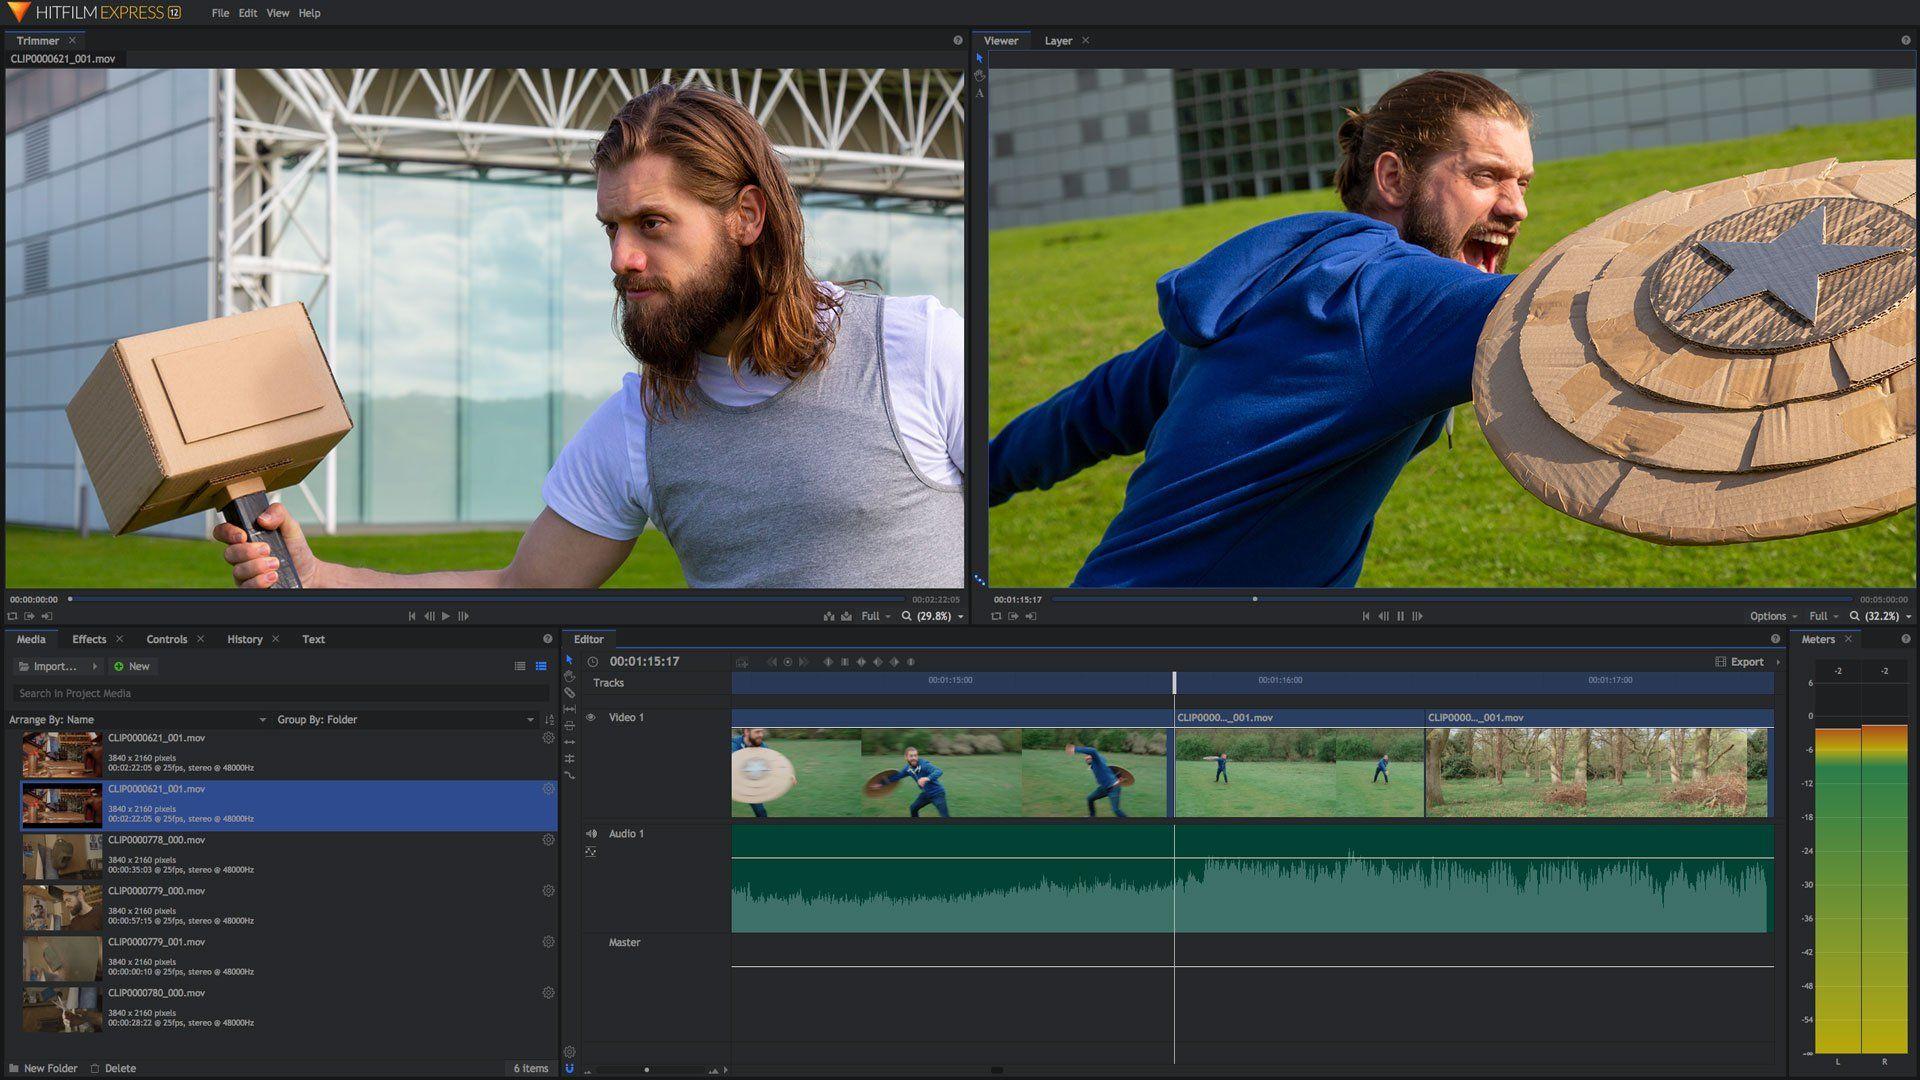 Επεξεργασία βίντεο για το YouTube: HitFilm Express